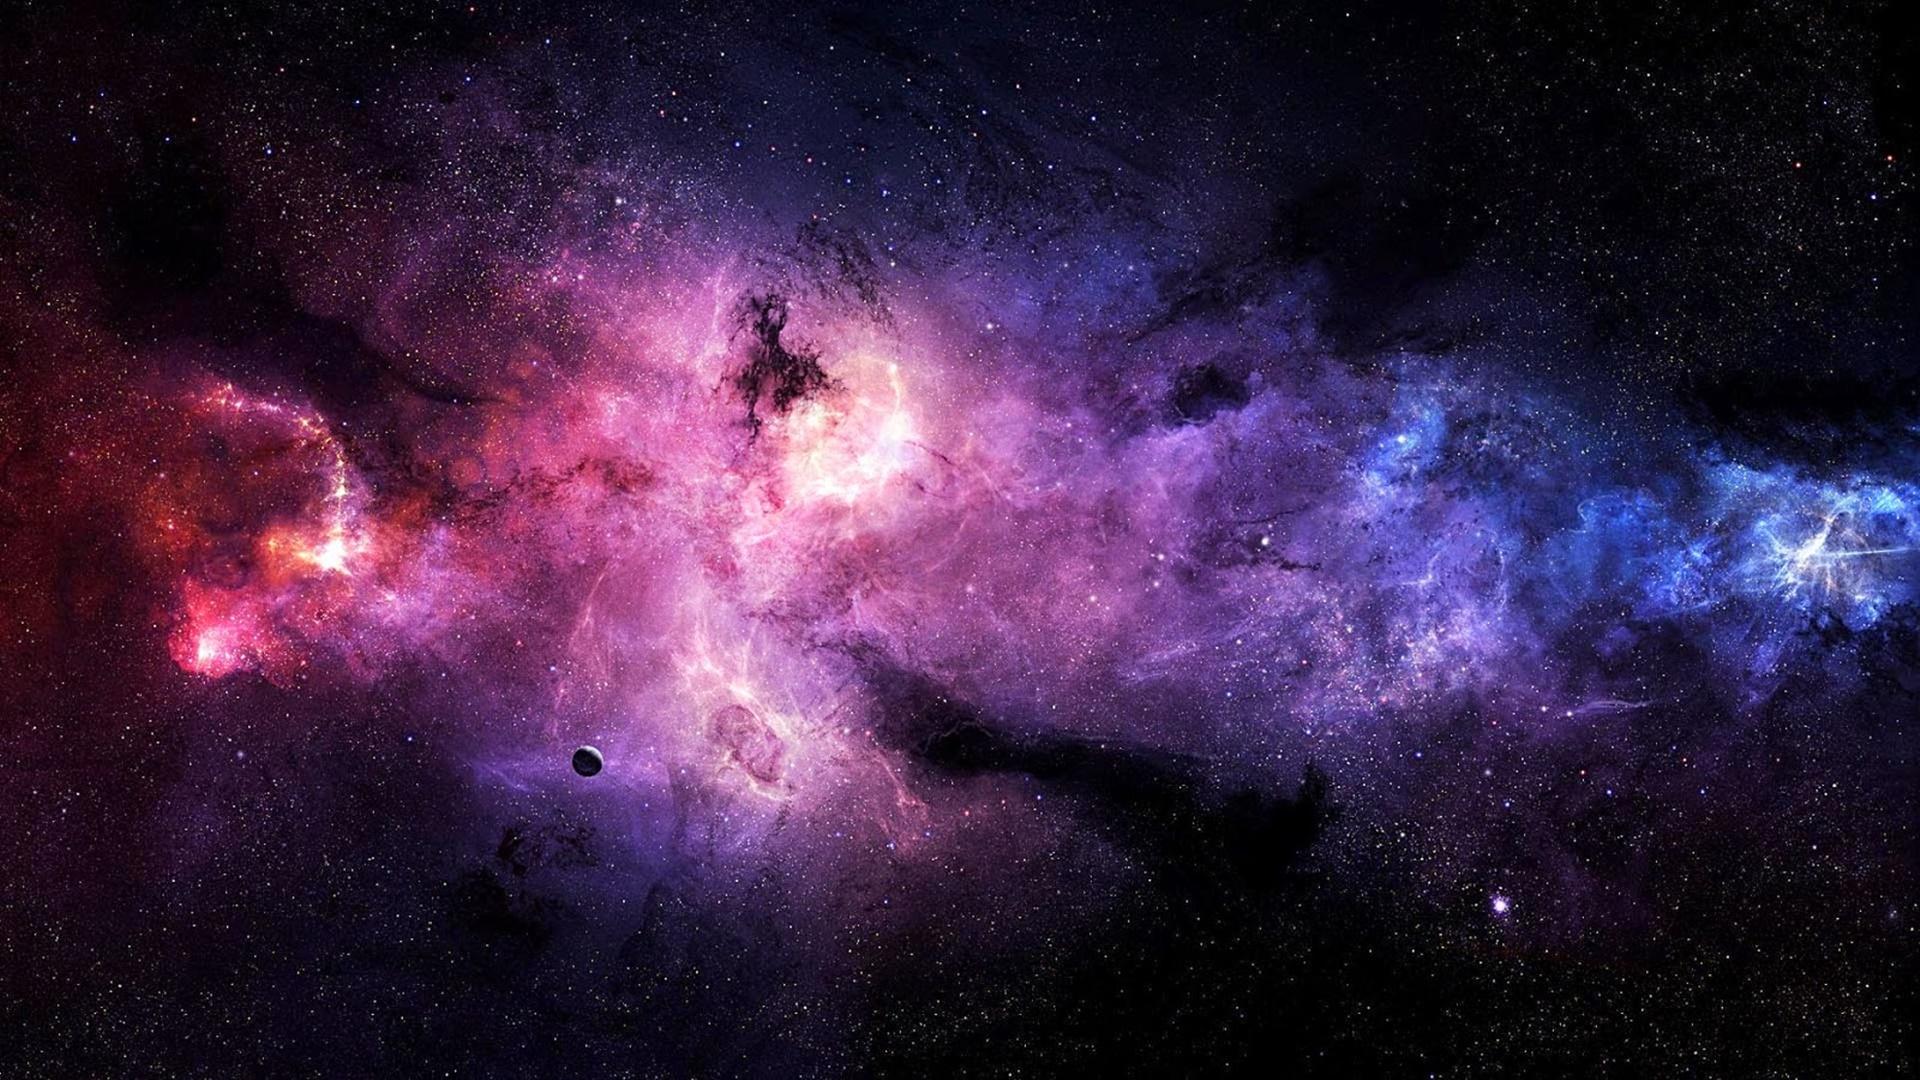 Ảnh galaxy vũ trụ làm hình nền máy tính tuyệt đẹp